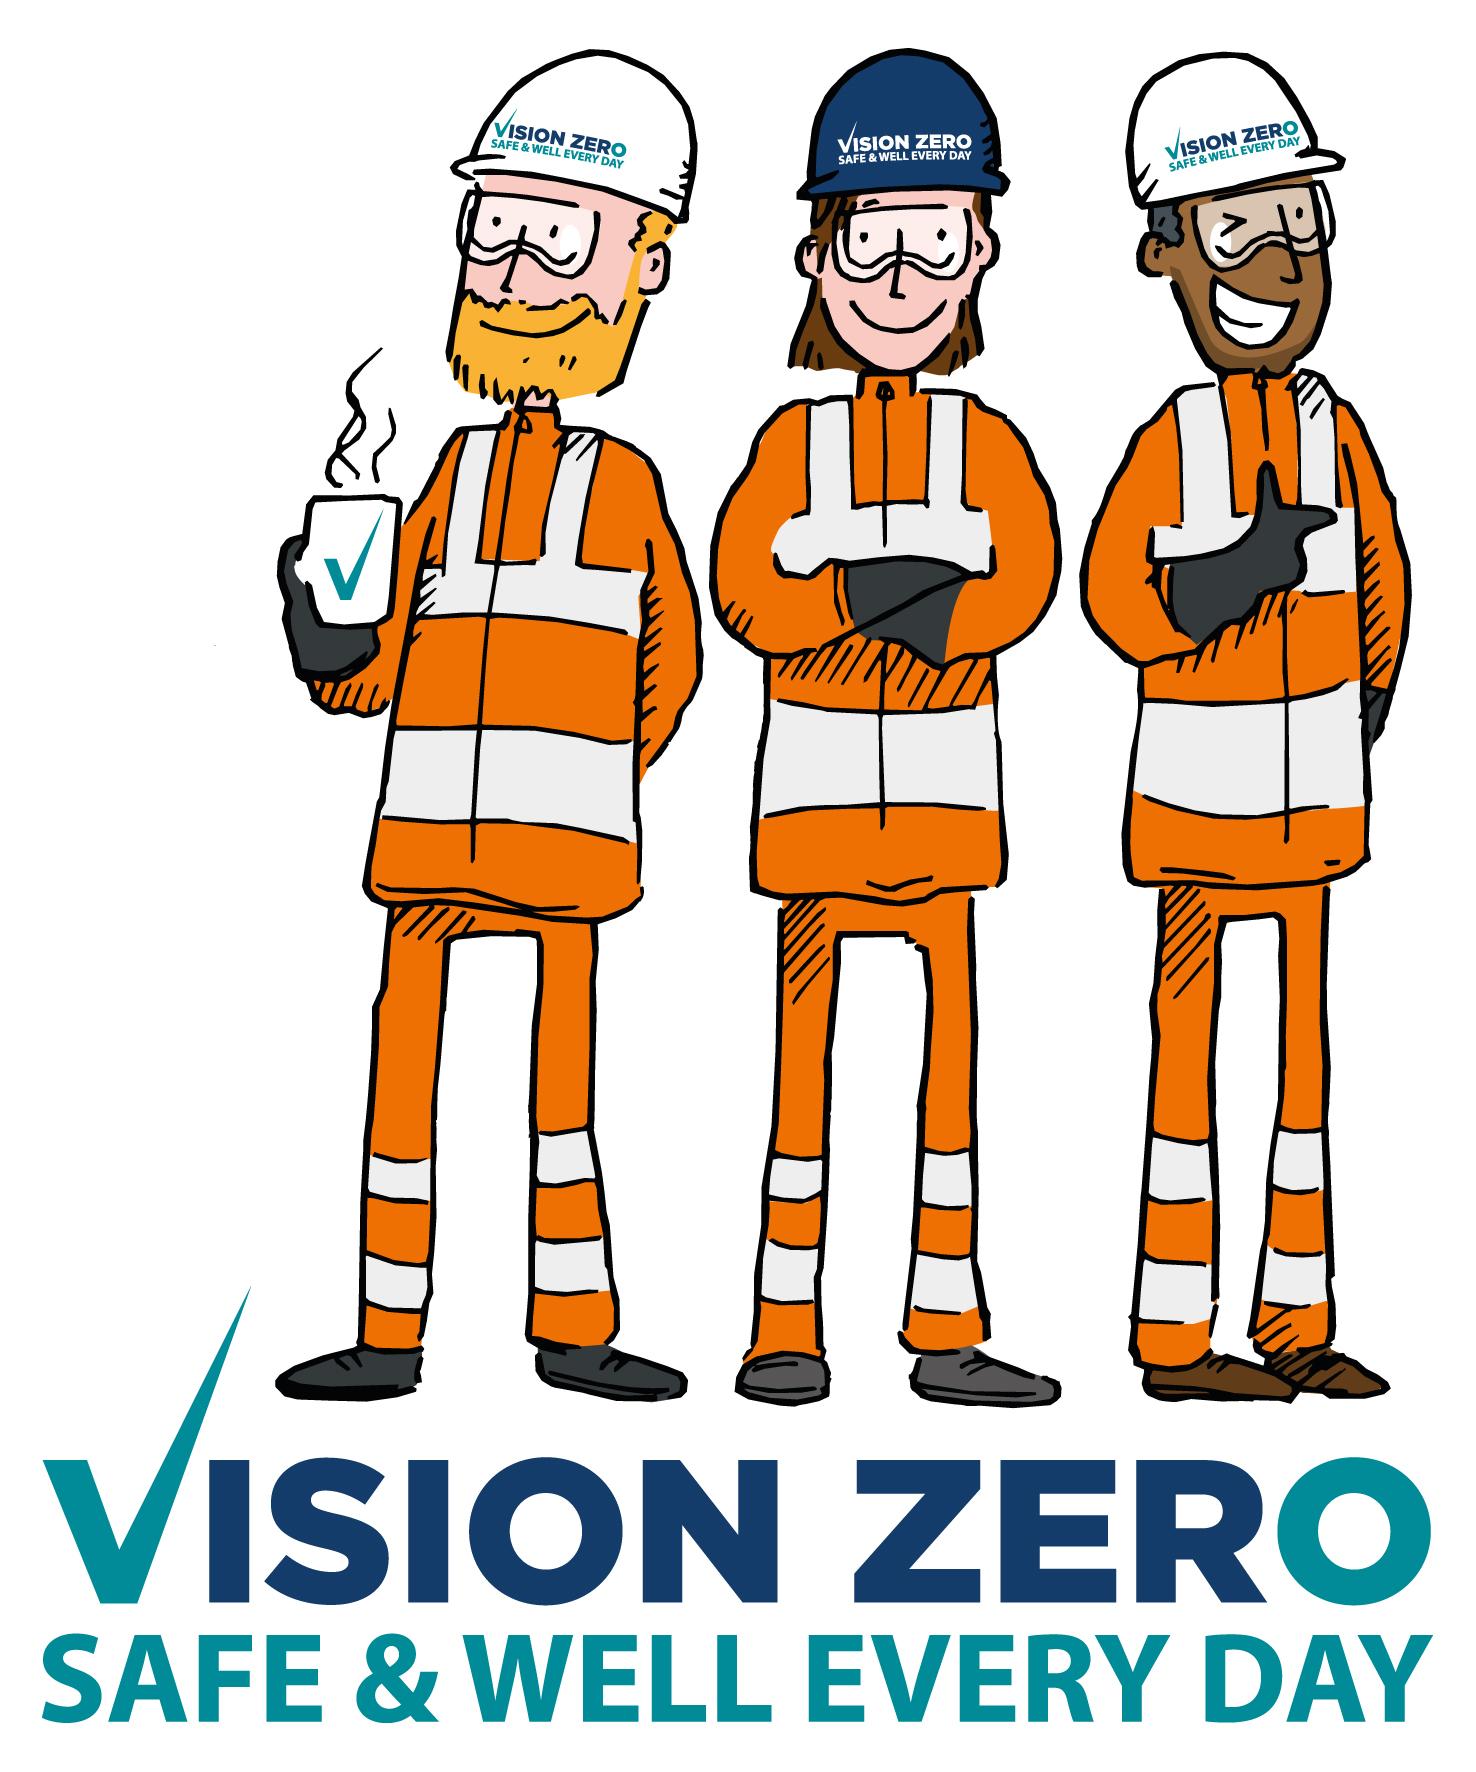 MPA Vision Zero image